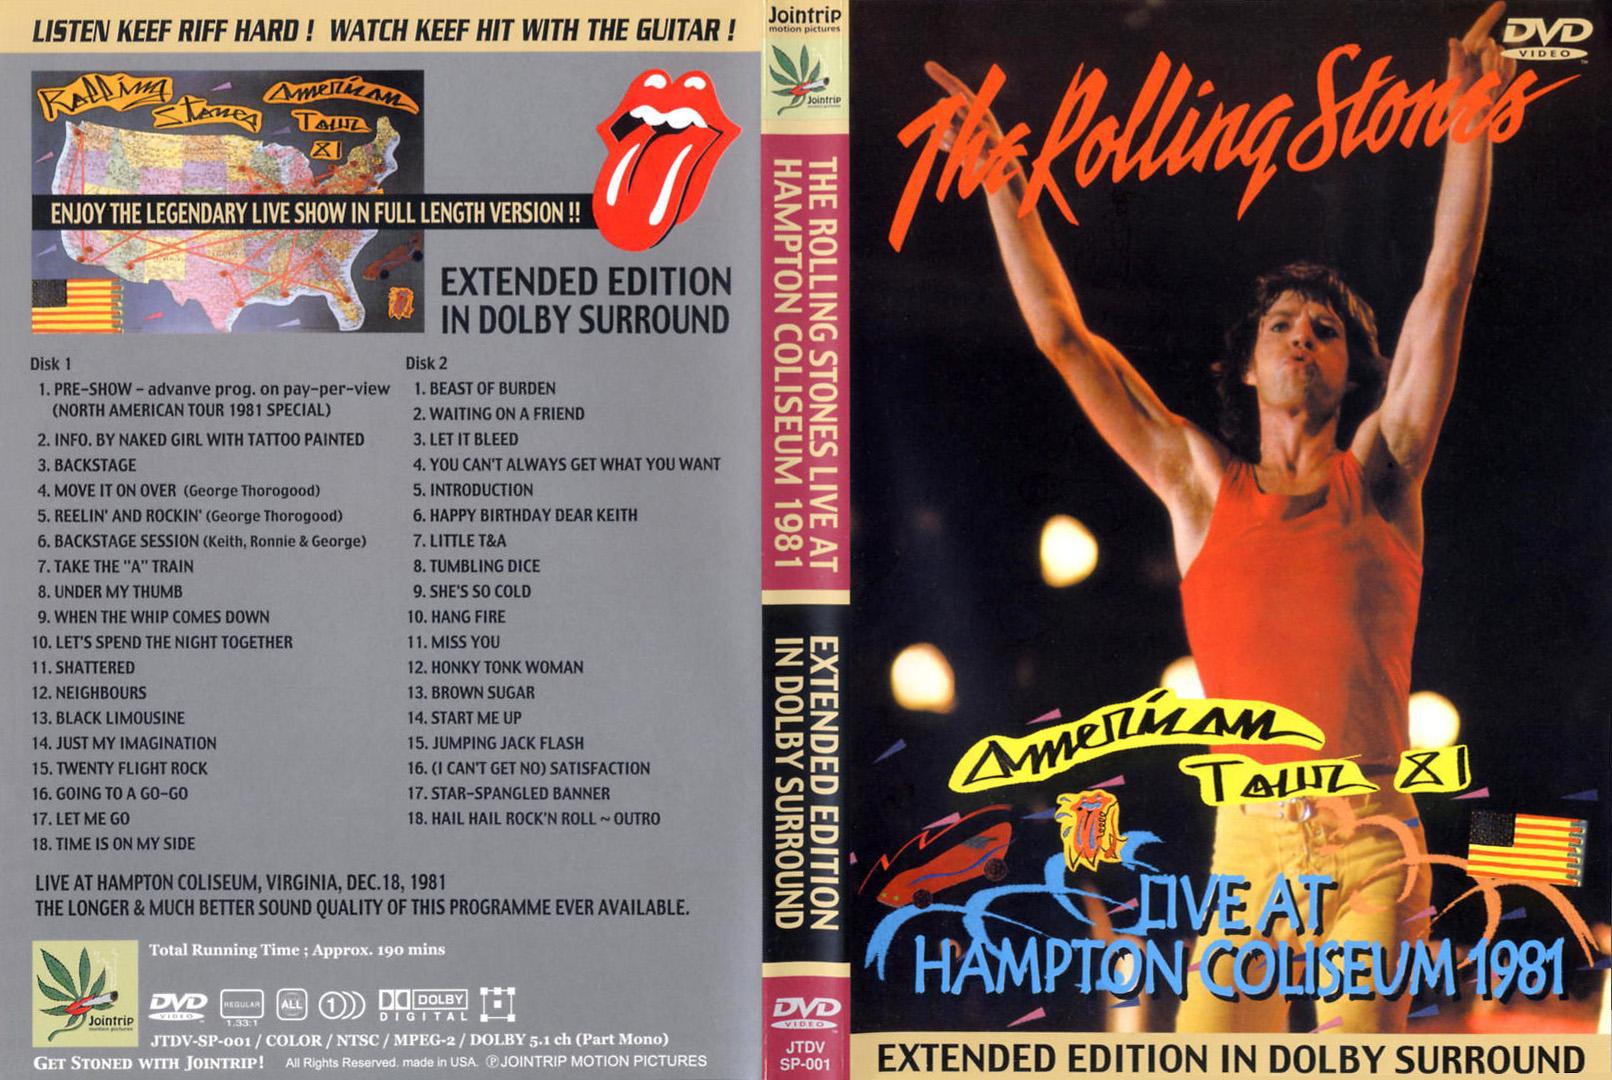 Conciertos desde el sofa de casa - Página 6 Rolling_stones.live_at_hampton_coliseum_1981_extended_edition_dvd